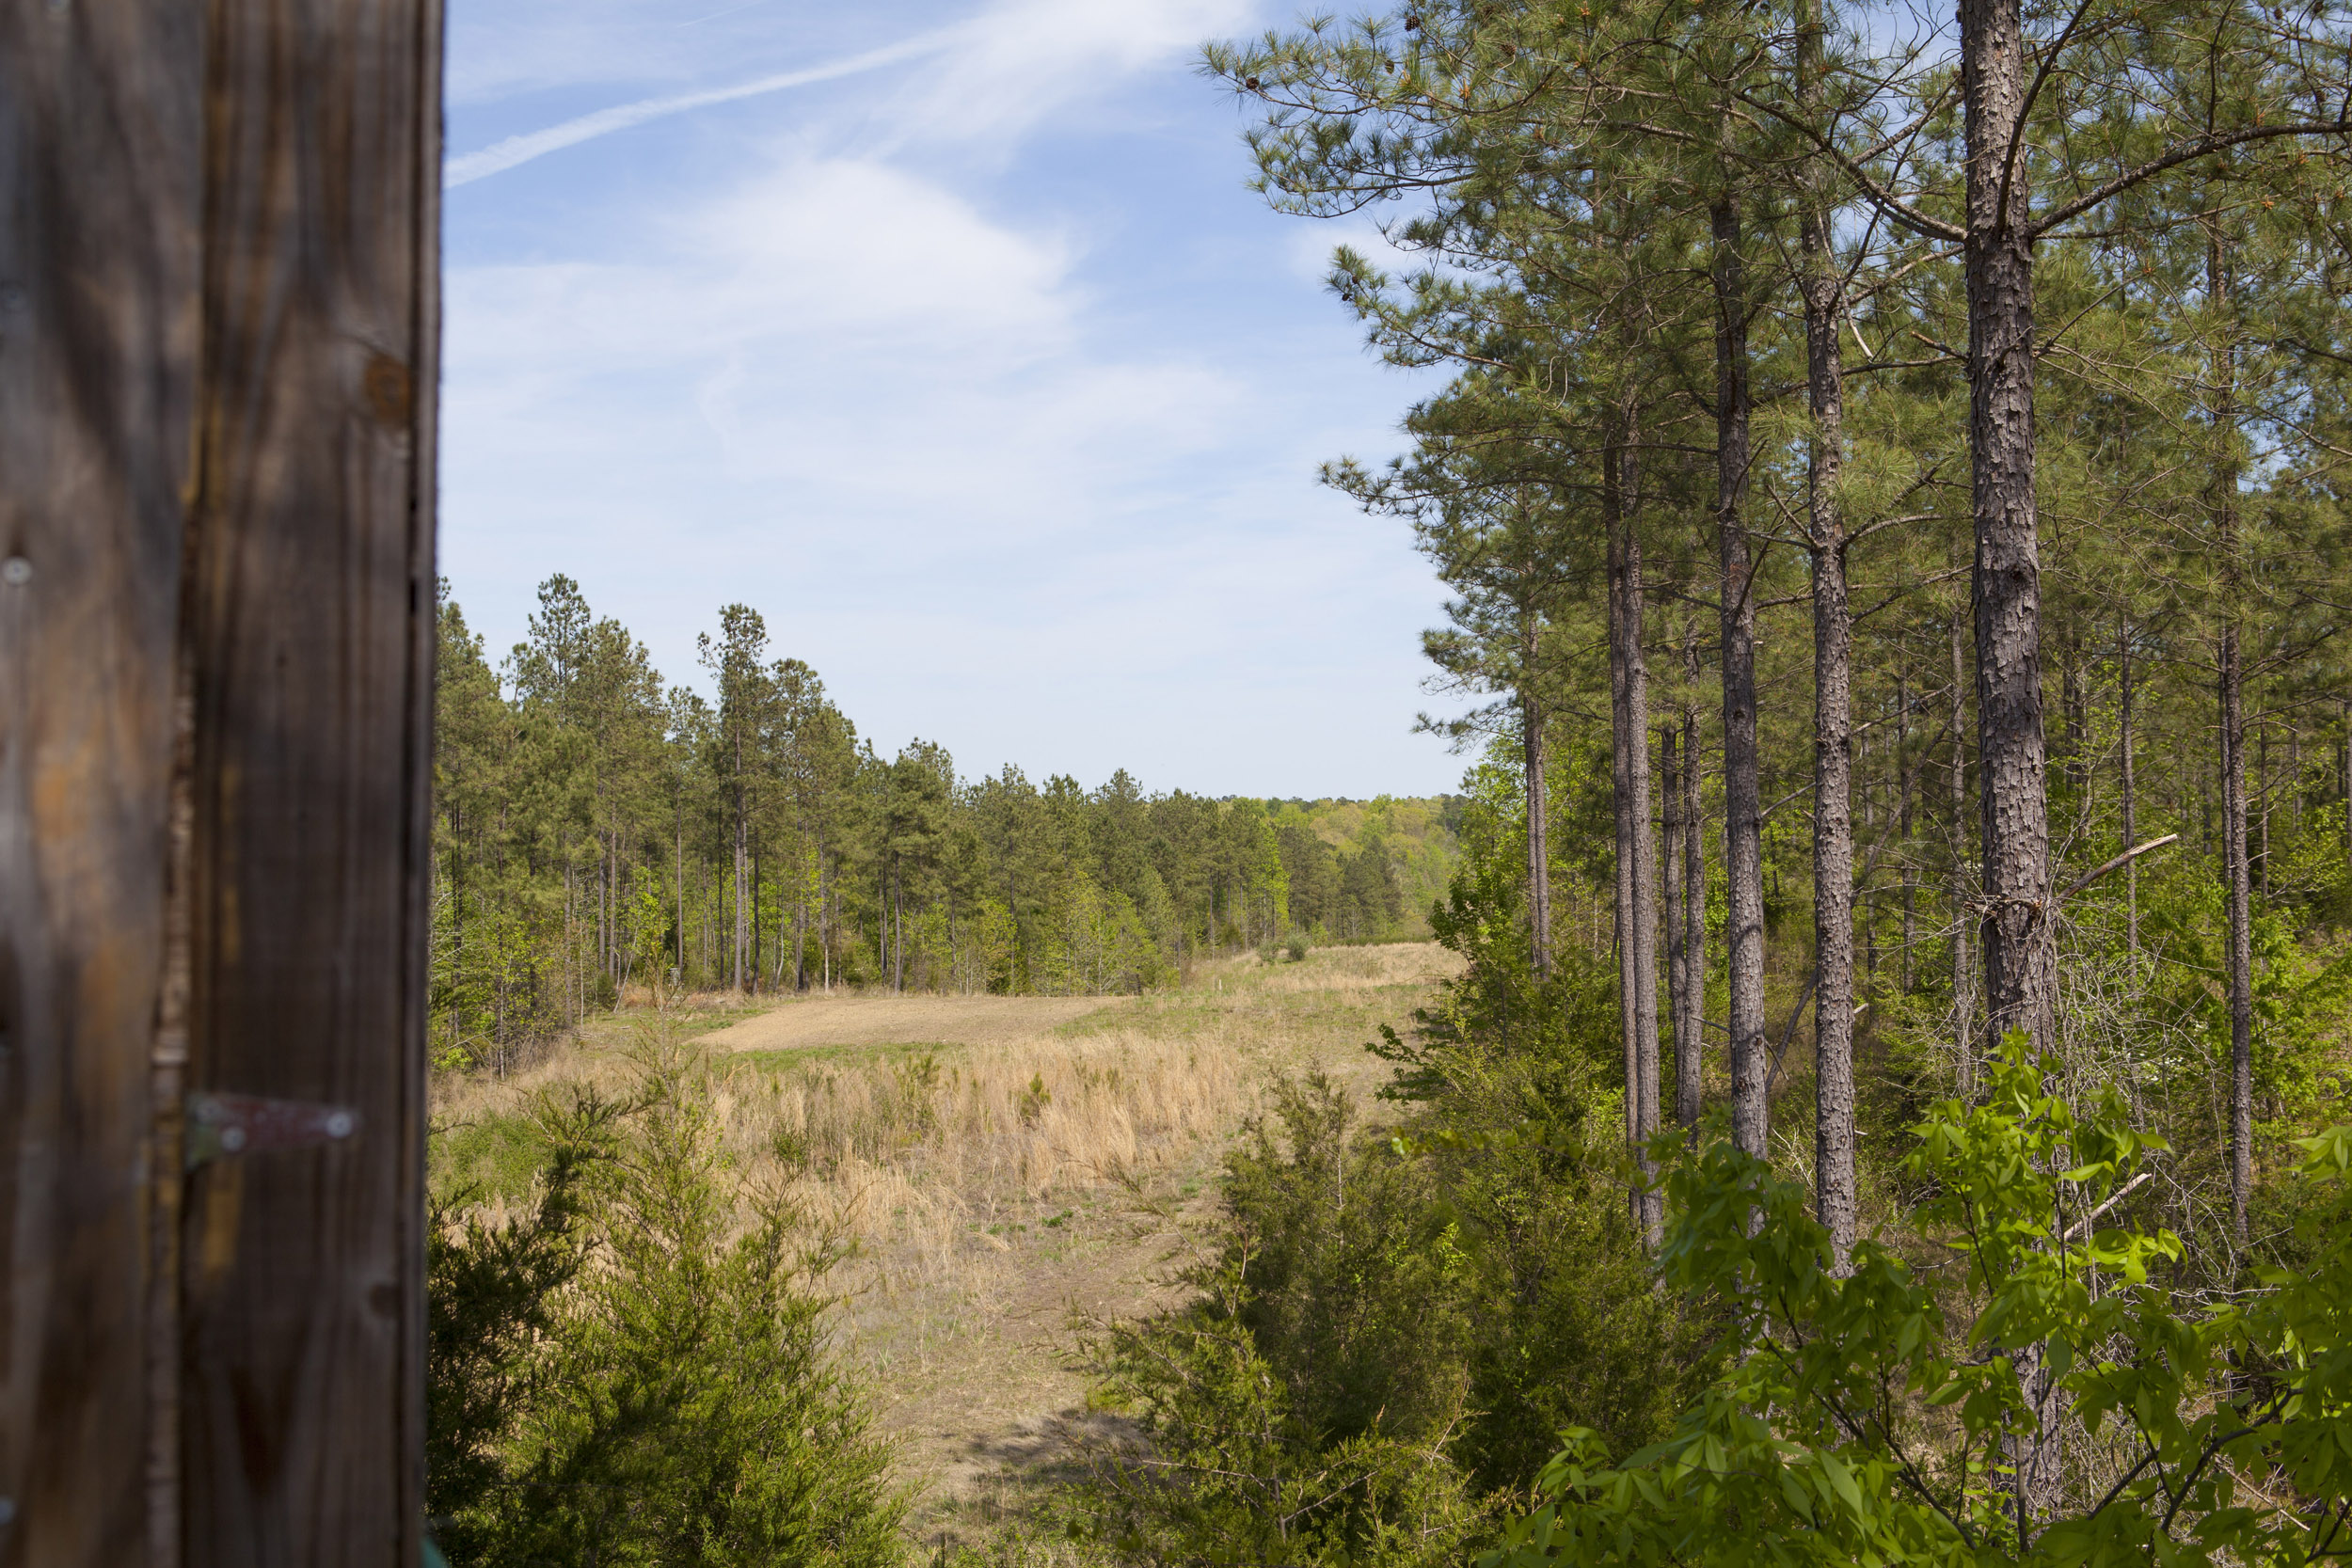 Reno Sharpe Store Road 238 Acres Farm for sale